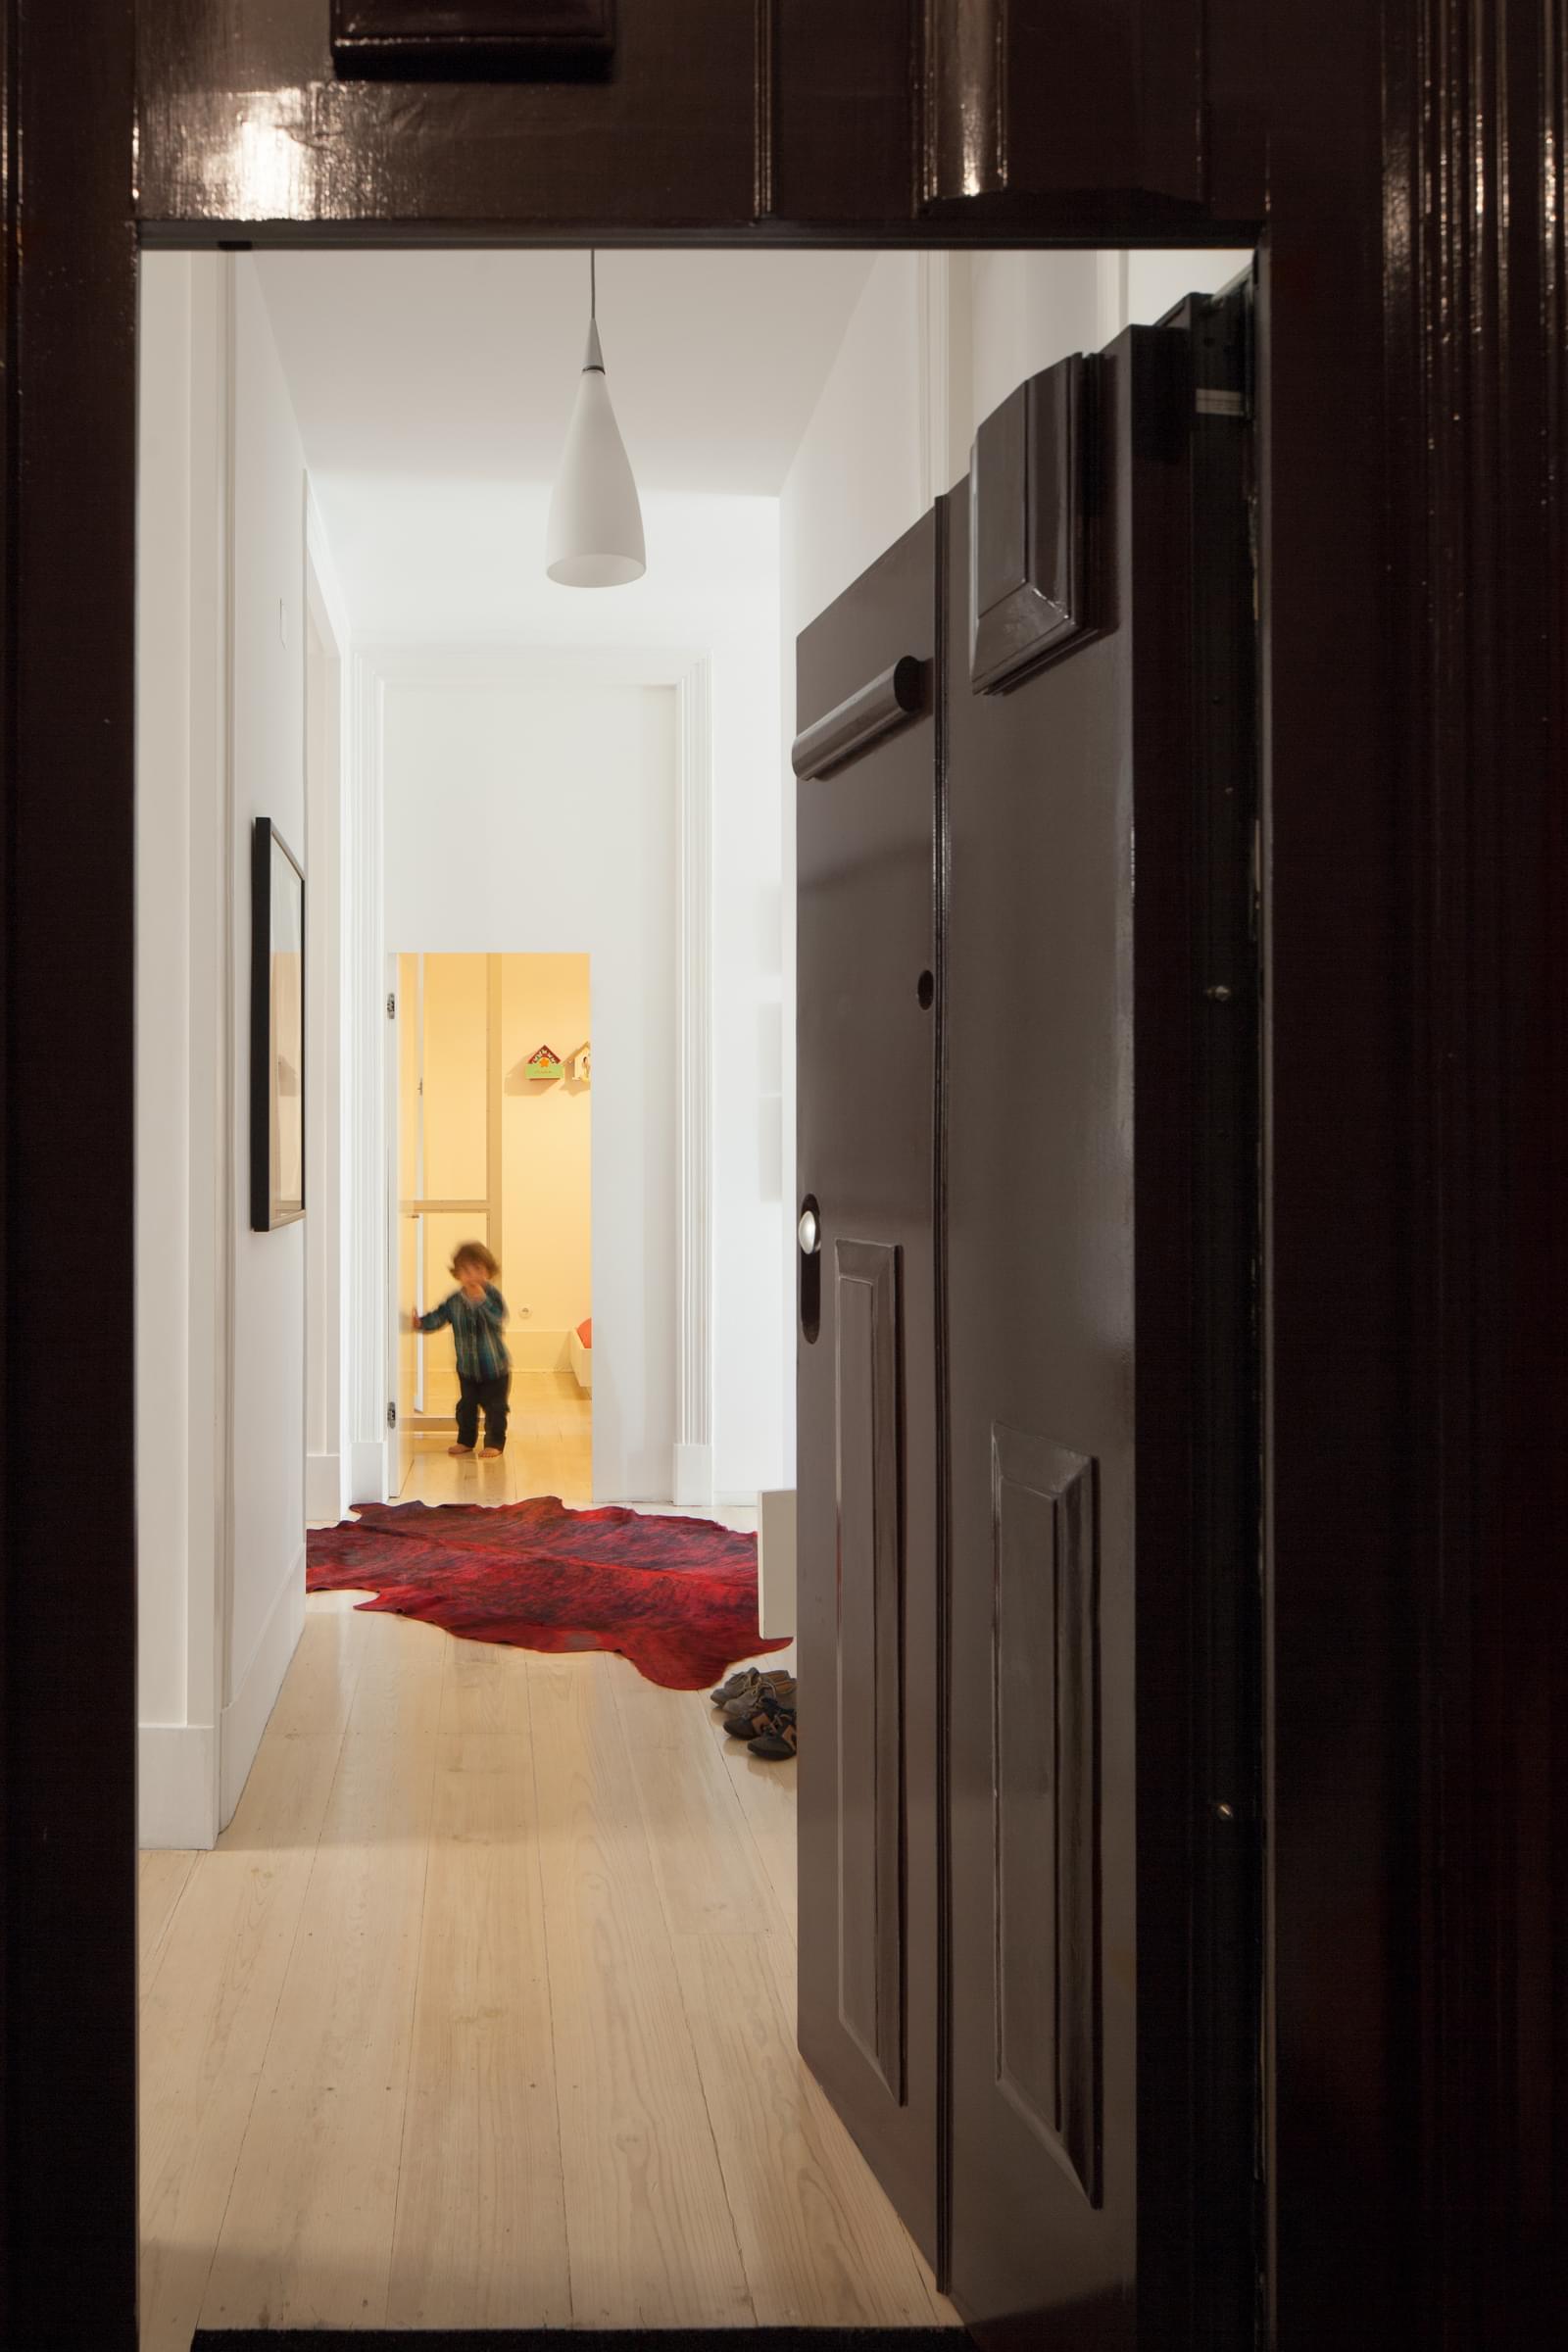 pf17588-apartamento-t4-1-lisboa-909c4889-e91d-4509-b168-f2c733a3be03